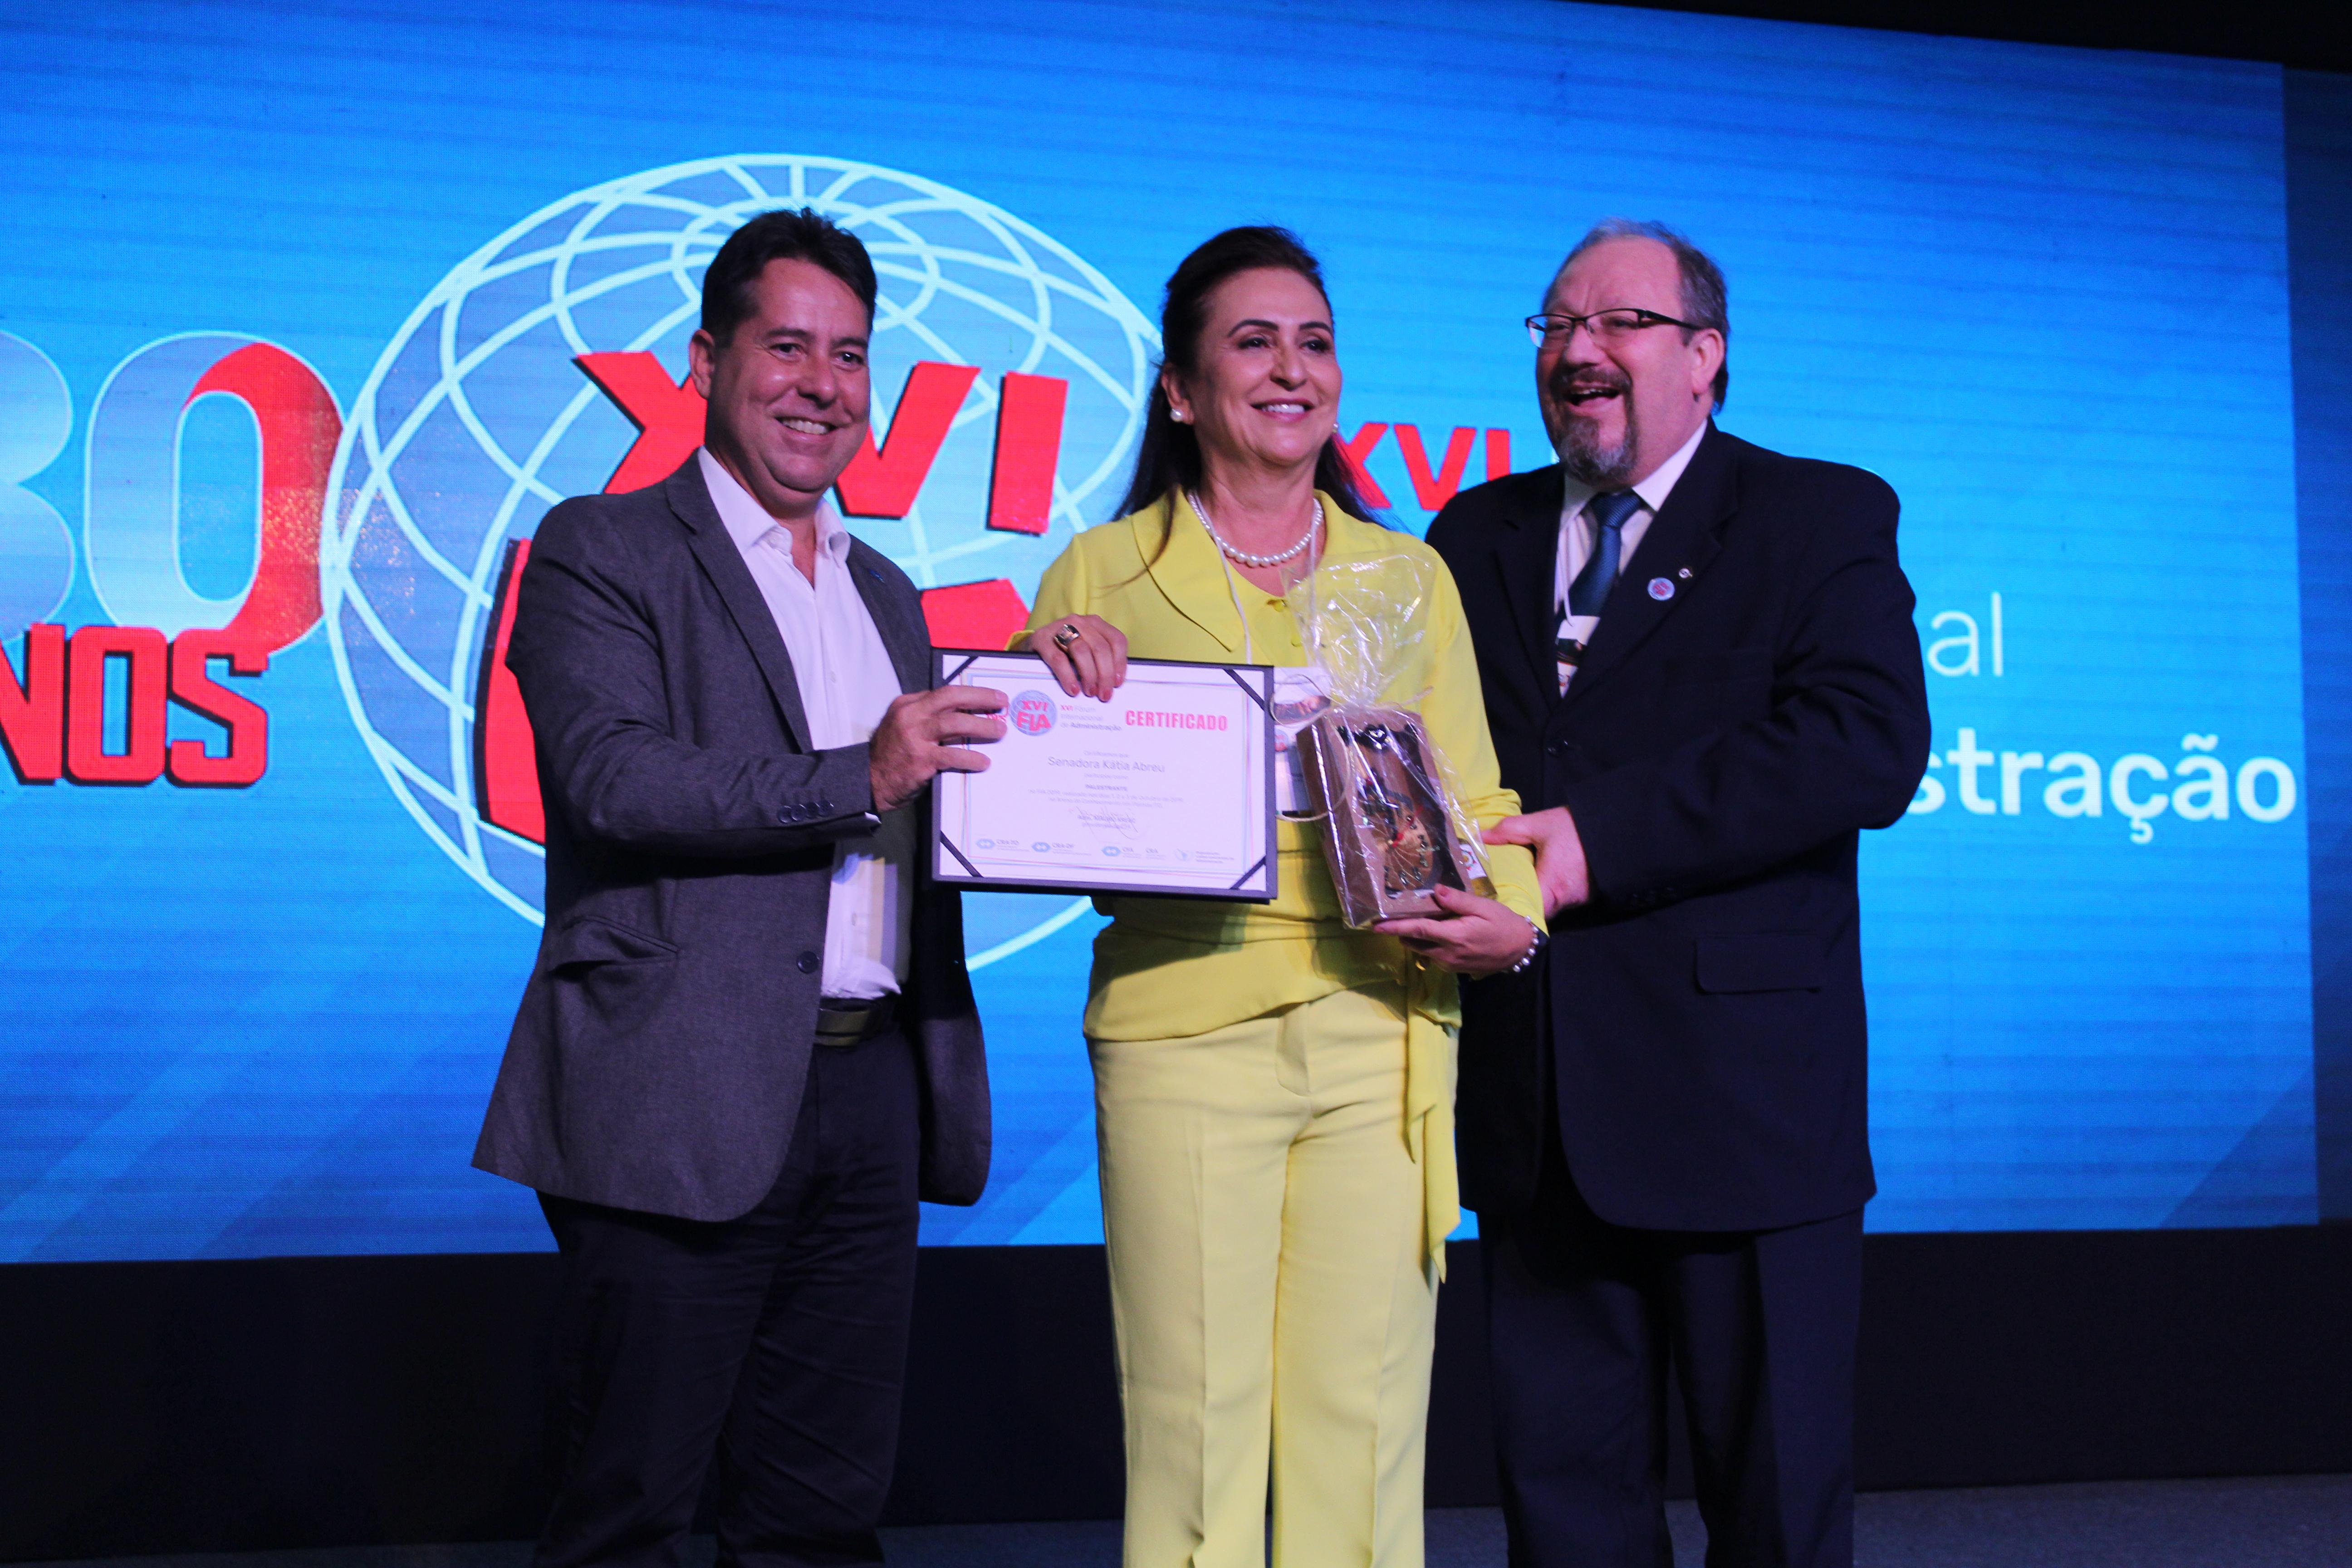 Com foco no agronegócio do País, Katia Abreu ministra palestra no FIA